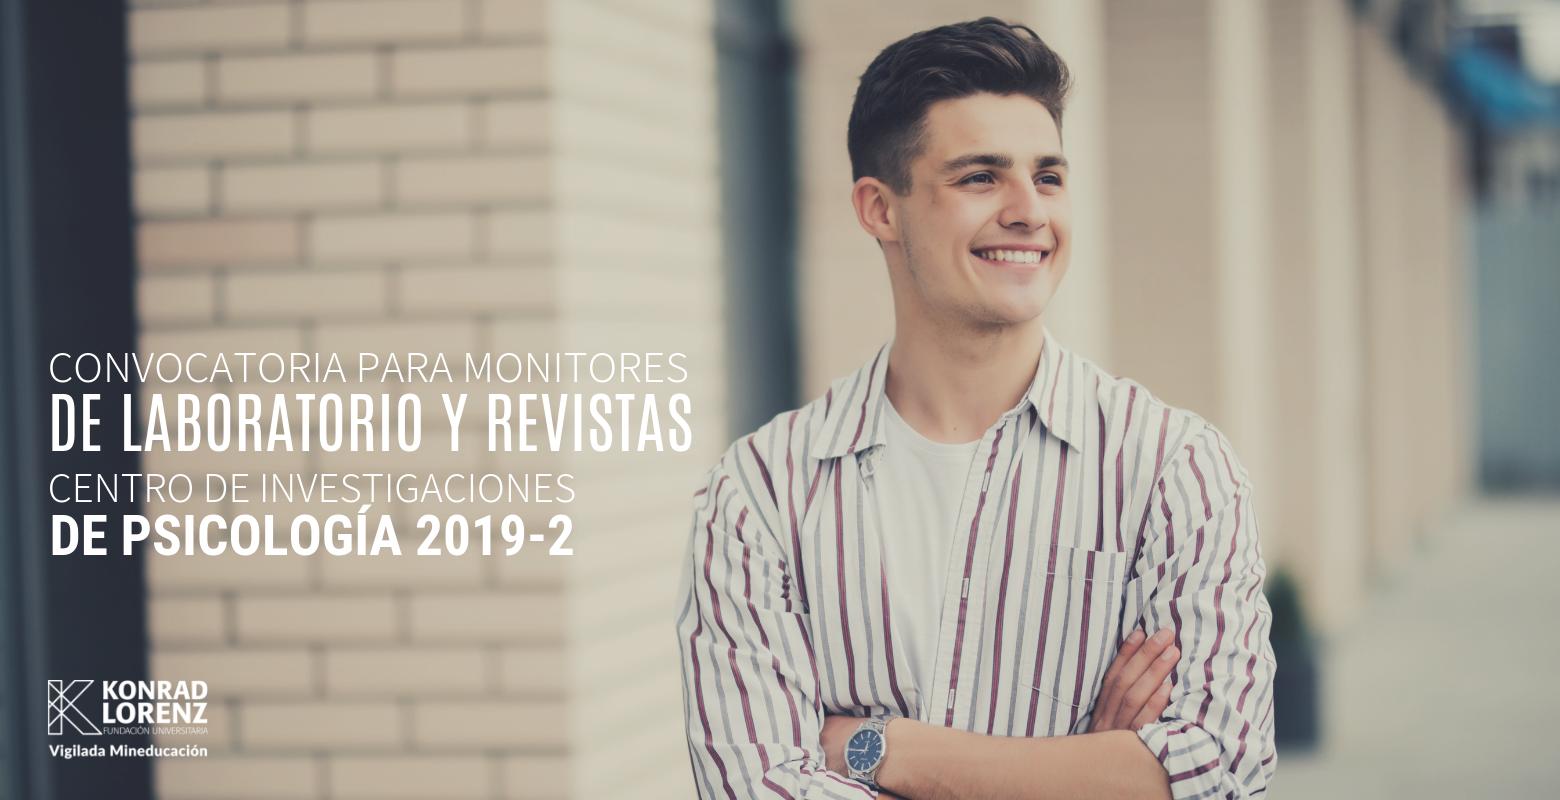 Convocatoria para Monitores de Laboratorio y Revistas del Centro de Investigaciones de Psicología 2019-2